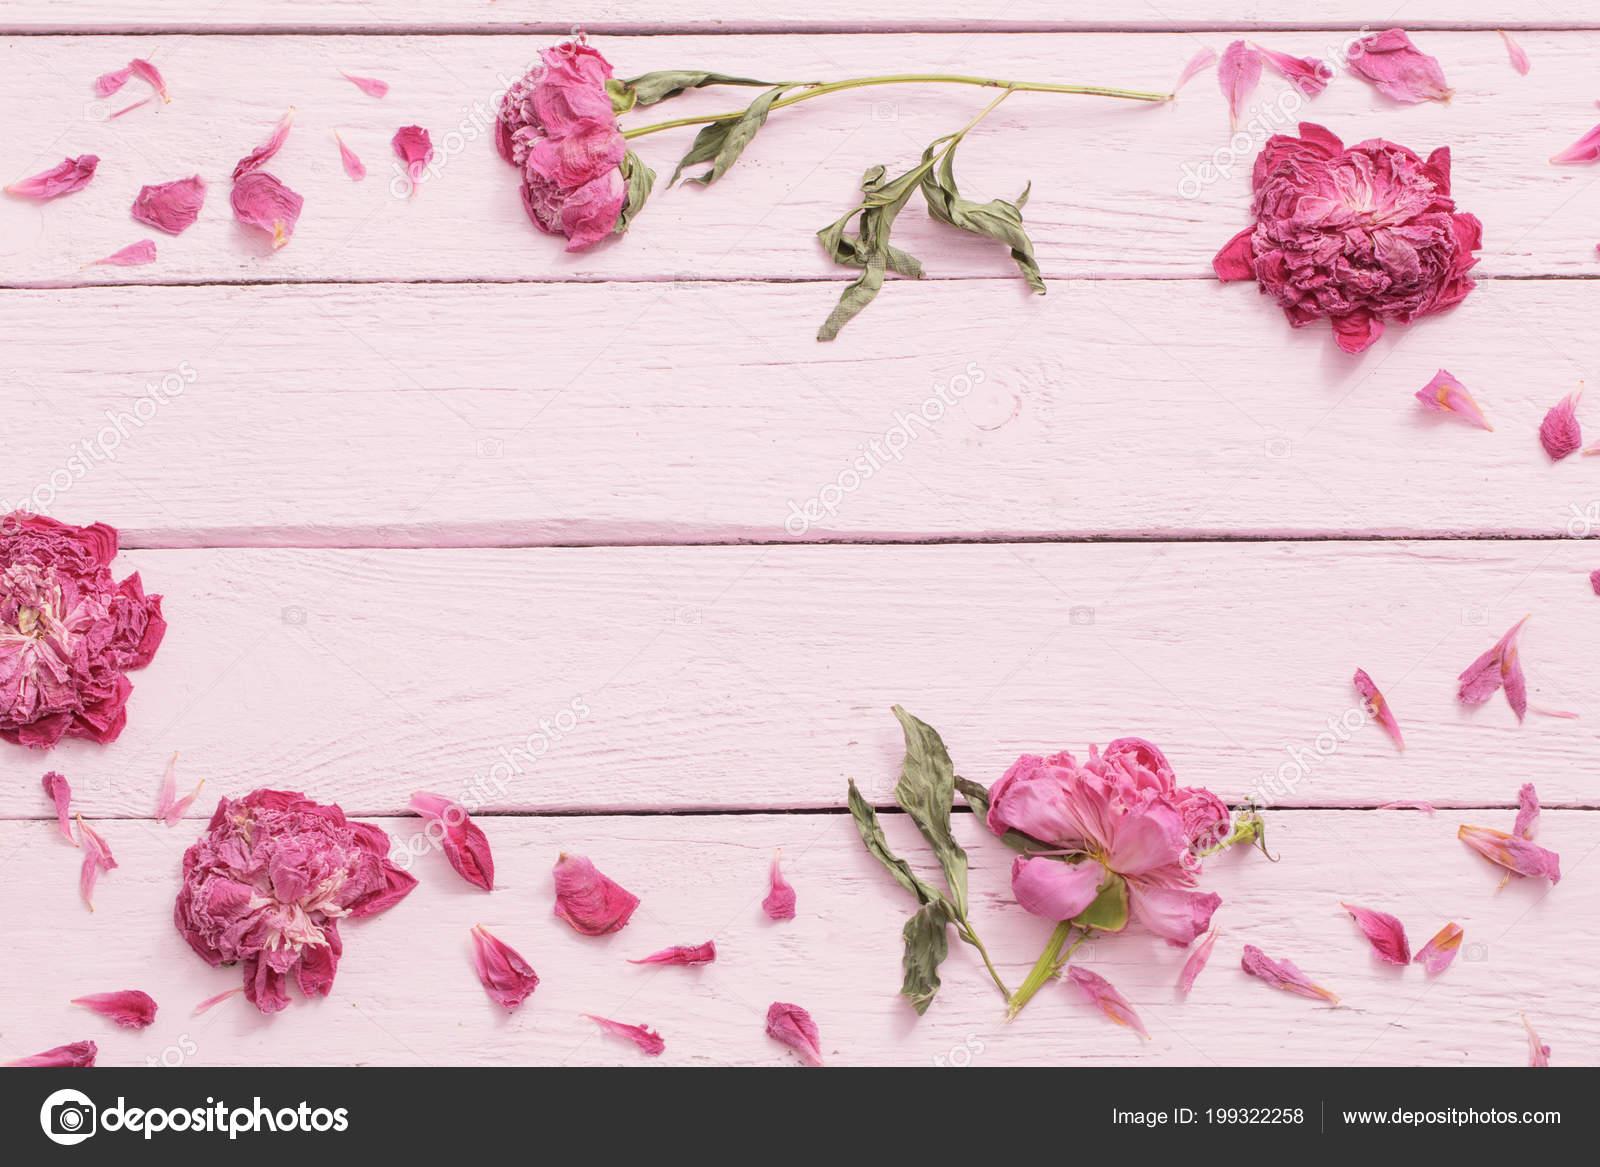 Dried Flowers Pink Wooden Background Stock Photo Kruchenkova